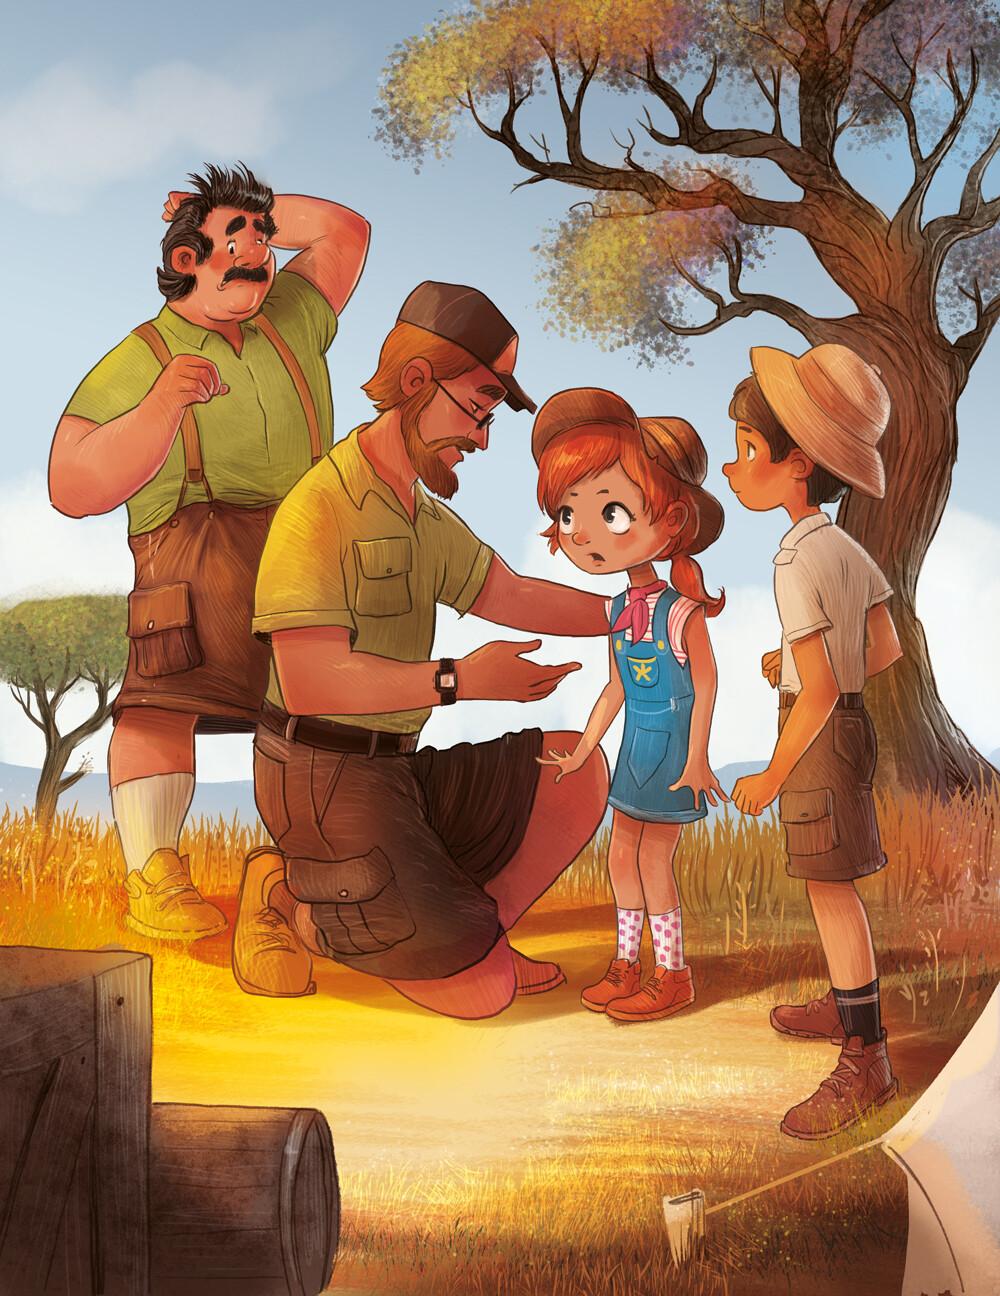 #ilustracjadladzieci #polishillustrator #illustration #childrenillustration